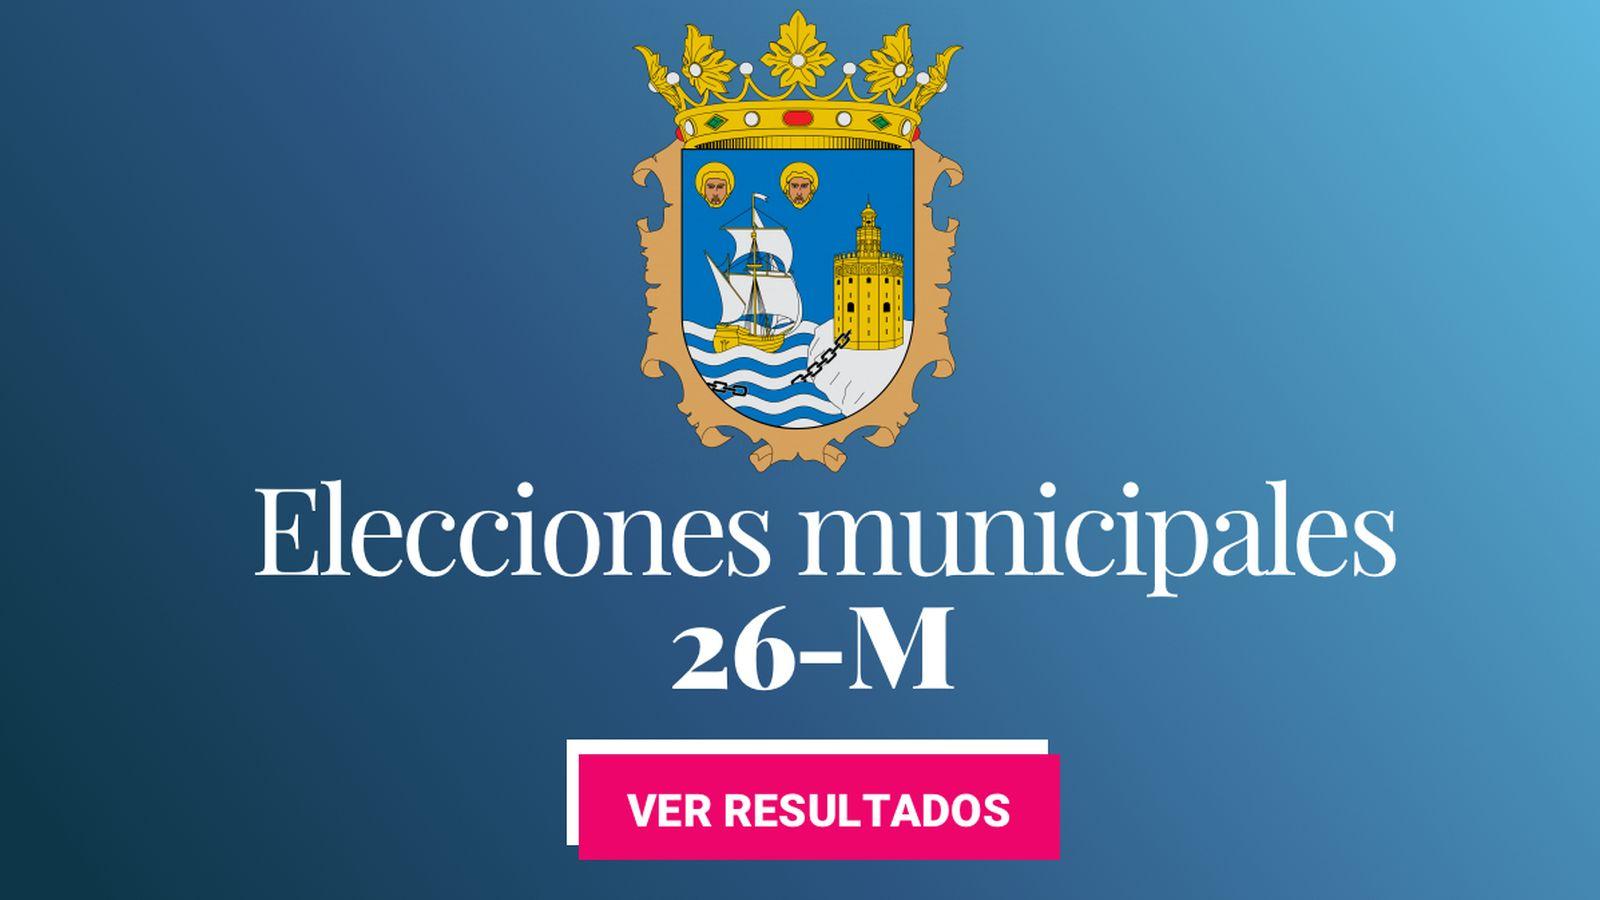 Foto: Elecciones municipales 2019 en Santander. (C.C./EC)